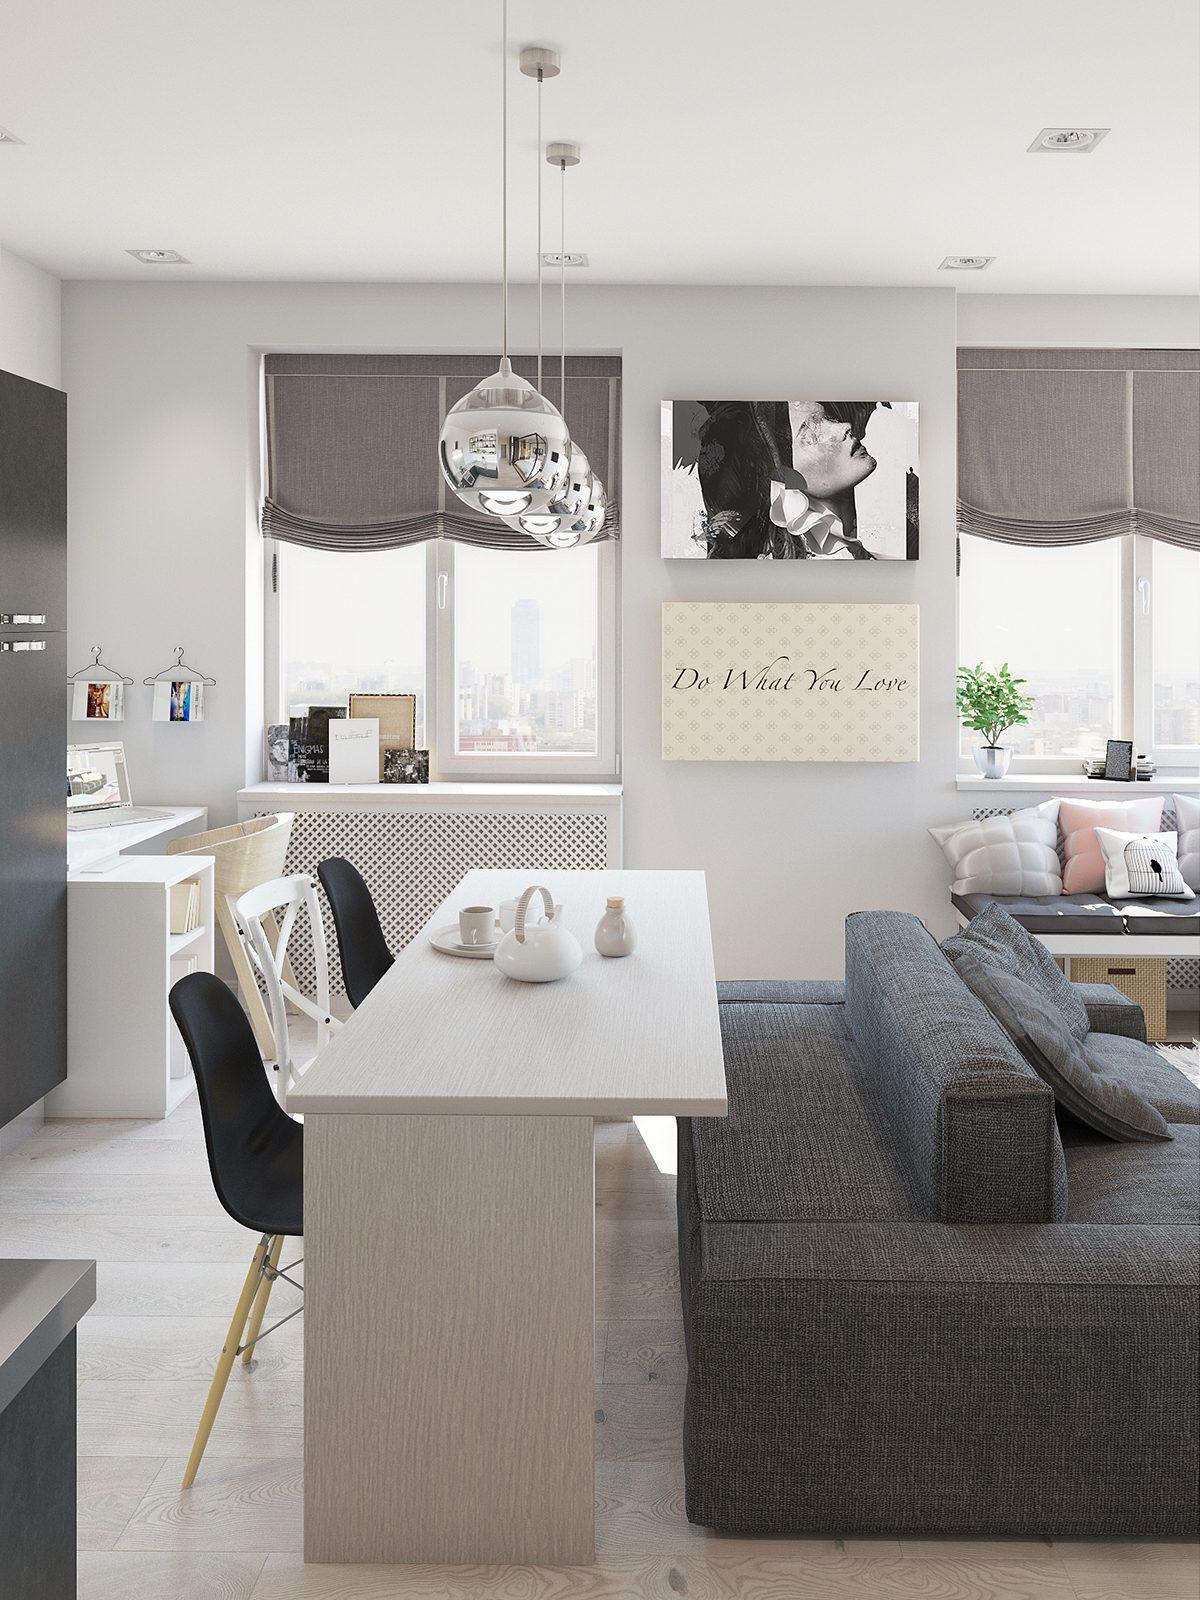 Studio Apartment Interior Design With Cute Decorating Ideas   RooHome